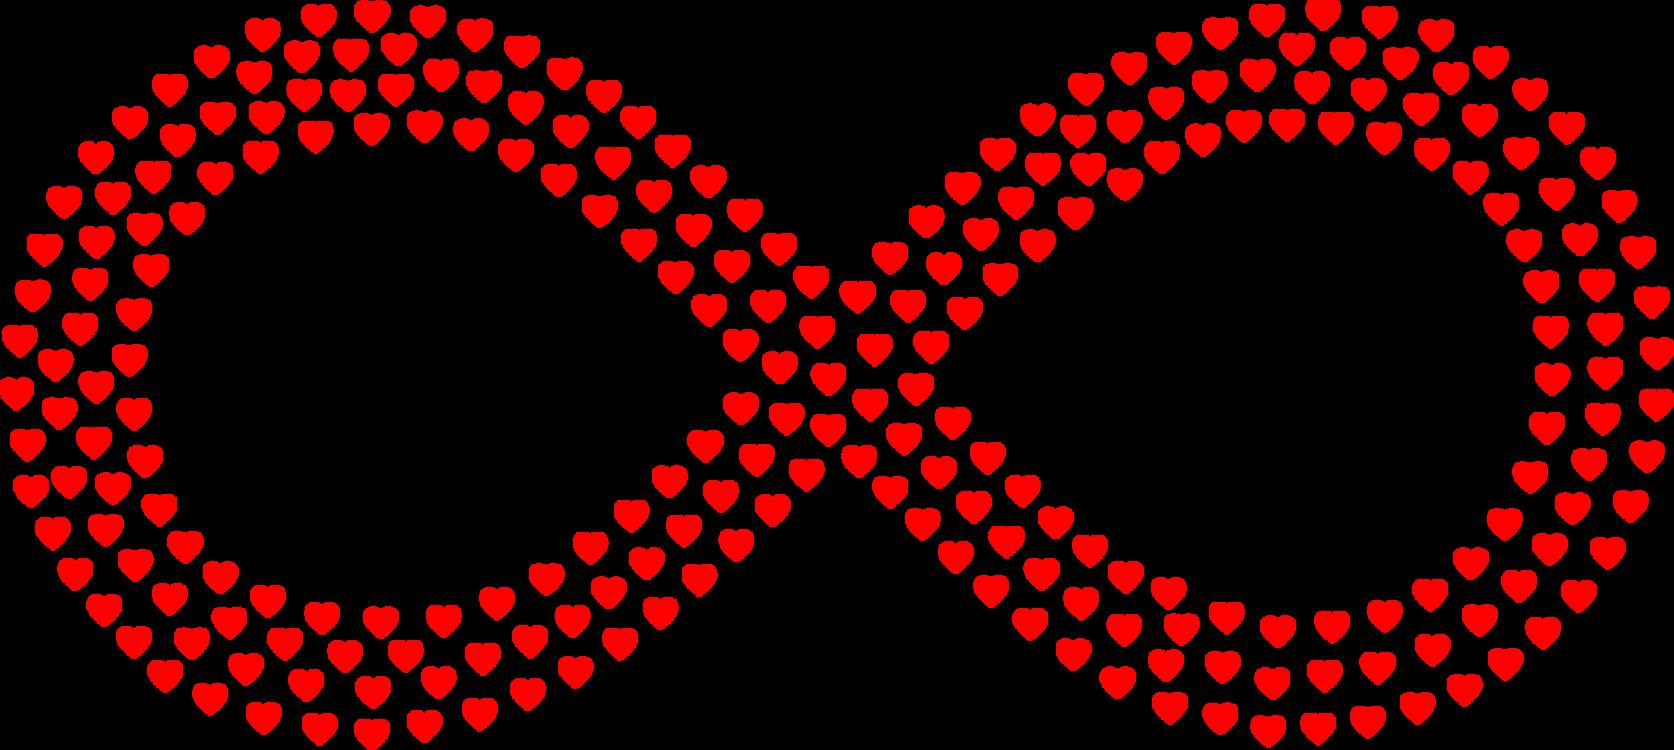 Heart,Love,Symmetry